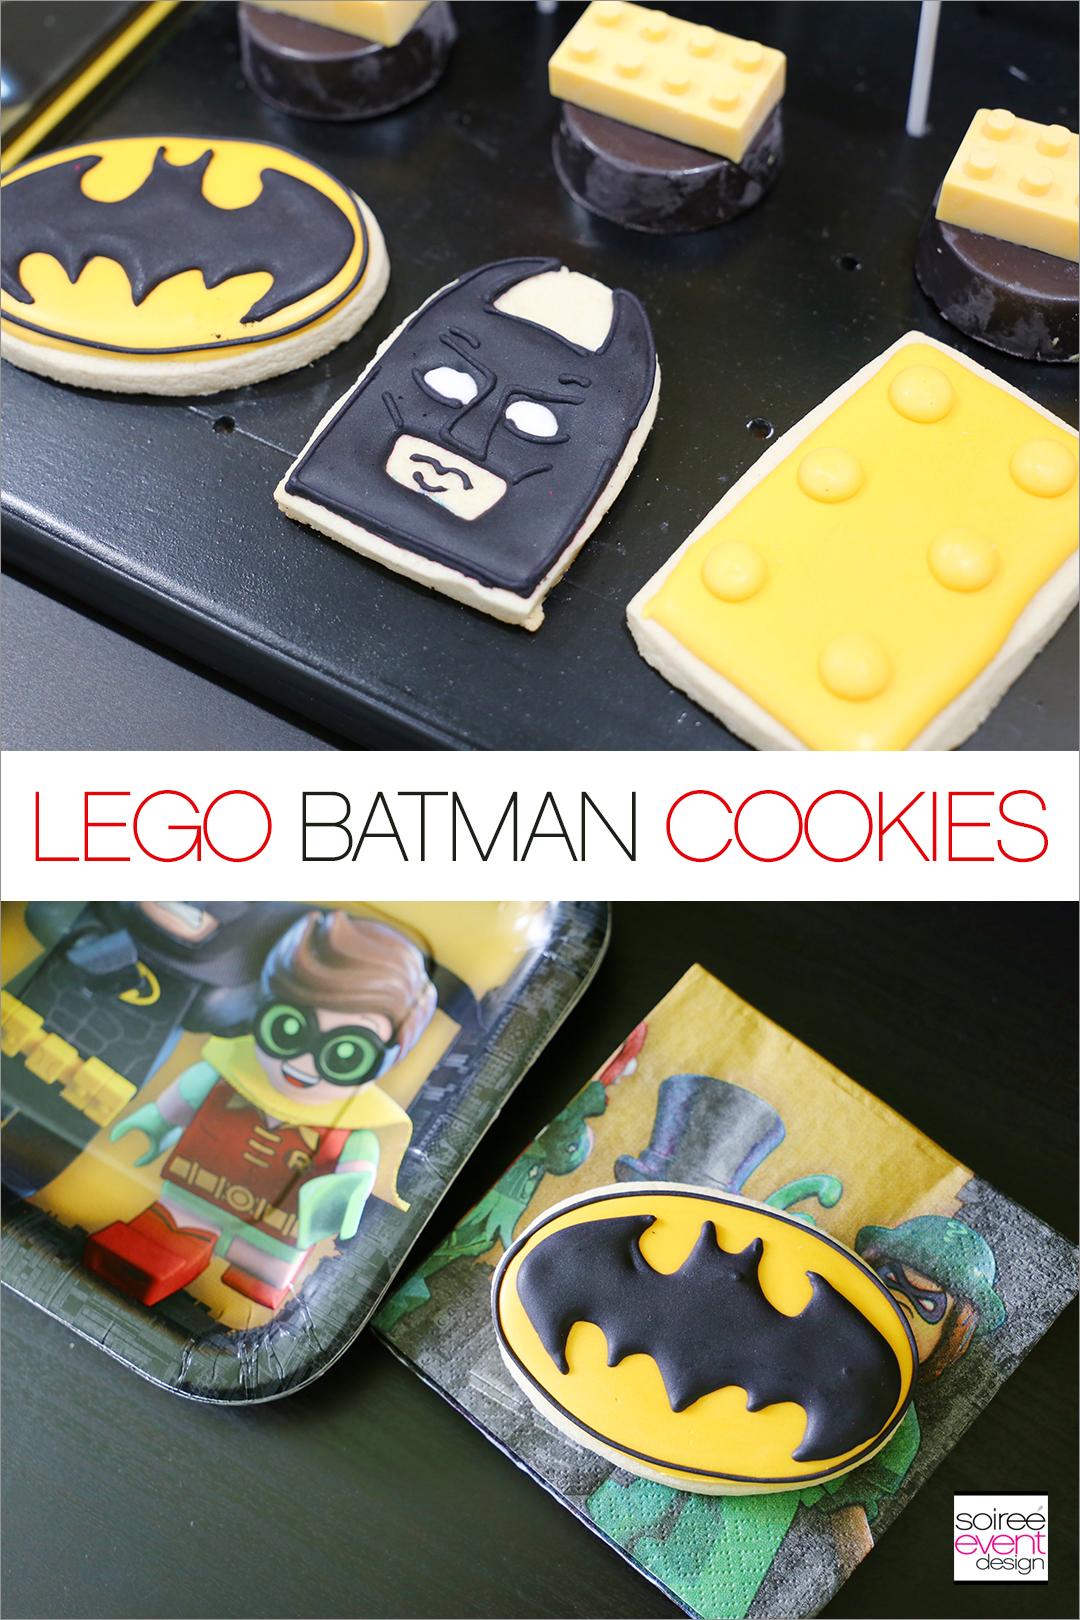 Lego Batman Party Ideas - Lego Batman Cookies